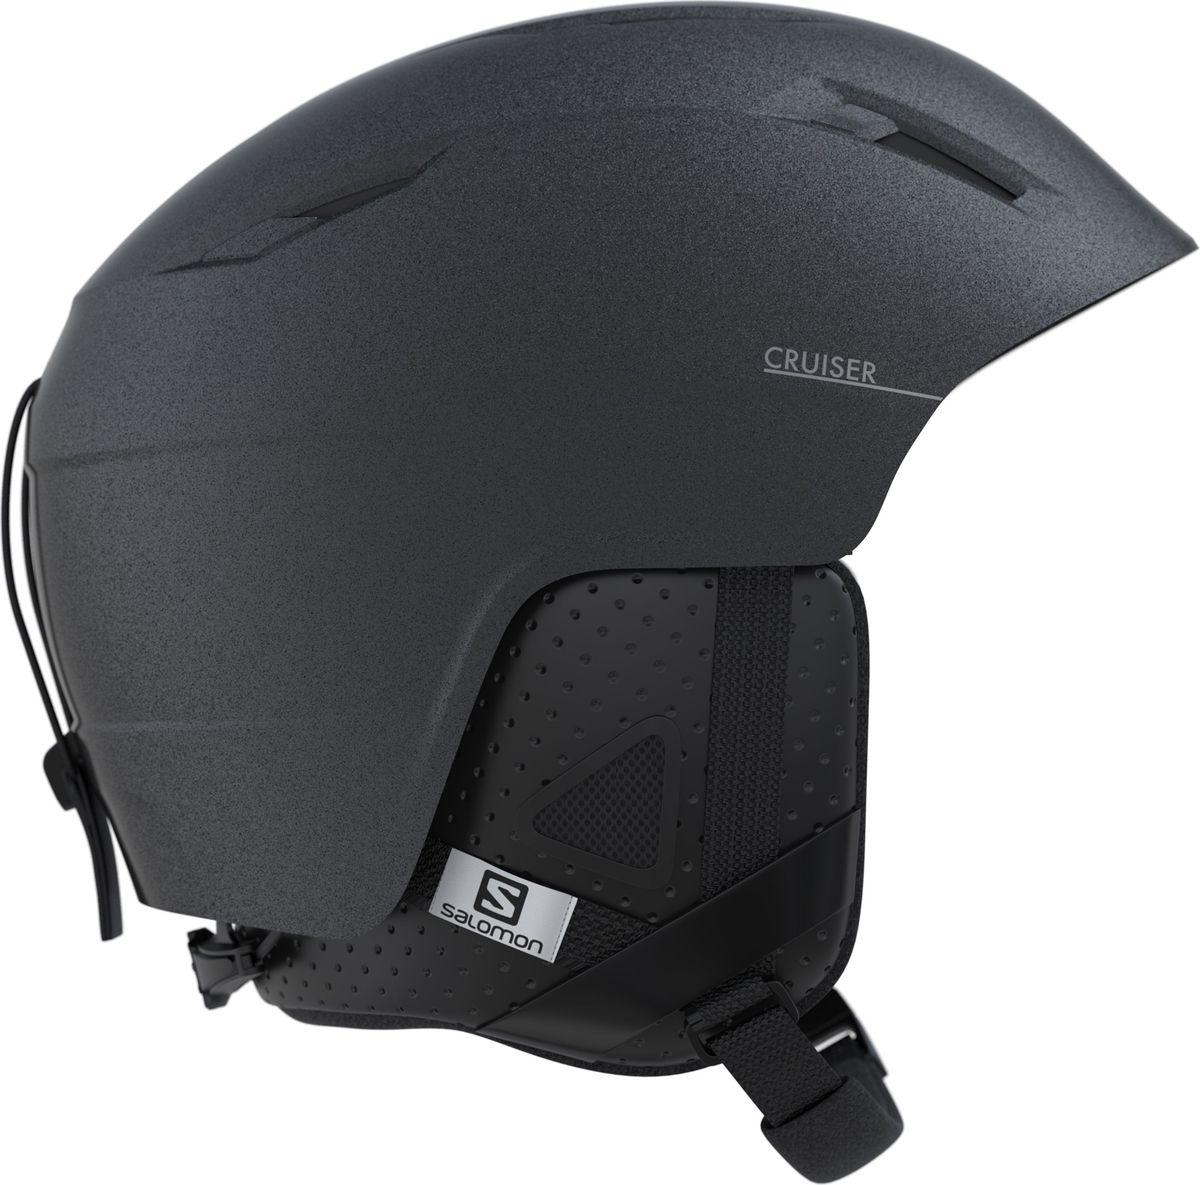 Шлем горнолыжный Salomon Cruiser2. Размер L (59/62)L39913700Универсальный шлем Salomon Cruiser2, который готов к любым испытаниям. Технология Thin Shell обеспечивает максимальную надежность, компактная конструкция и низкий вес гарантируют удобство во время катания. Технология EPS 4D в сочетании с регулировкой Custom dial обеспечивает повышенную безопасность и плотную посадку.